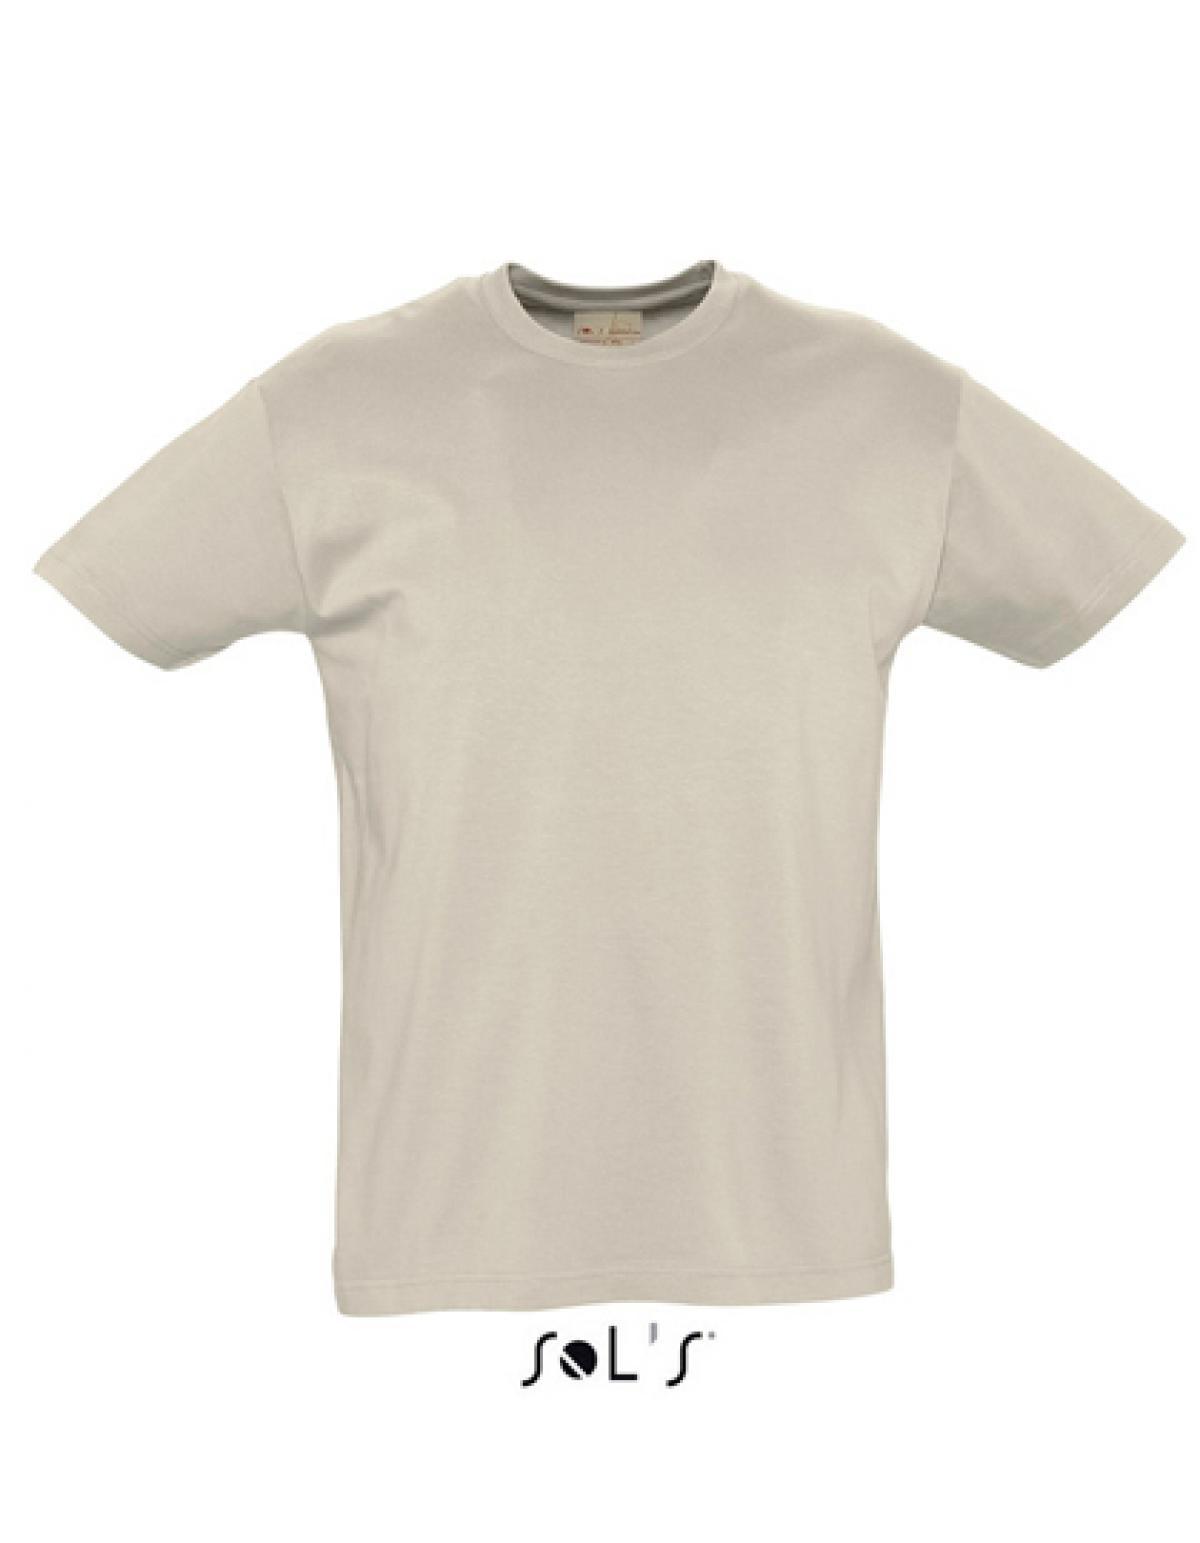 Organic cotton herren t shirt bio baumwolle rexlander s for Natural cotton t shirts